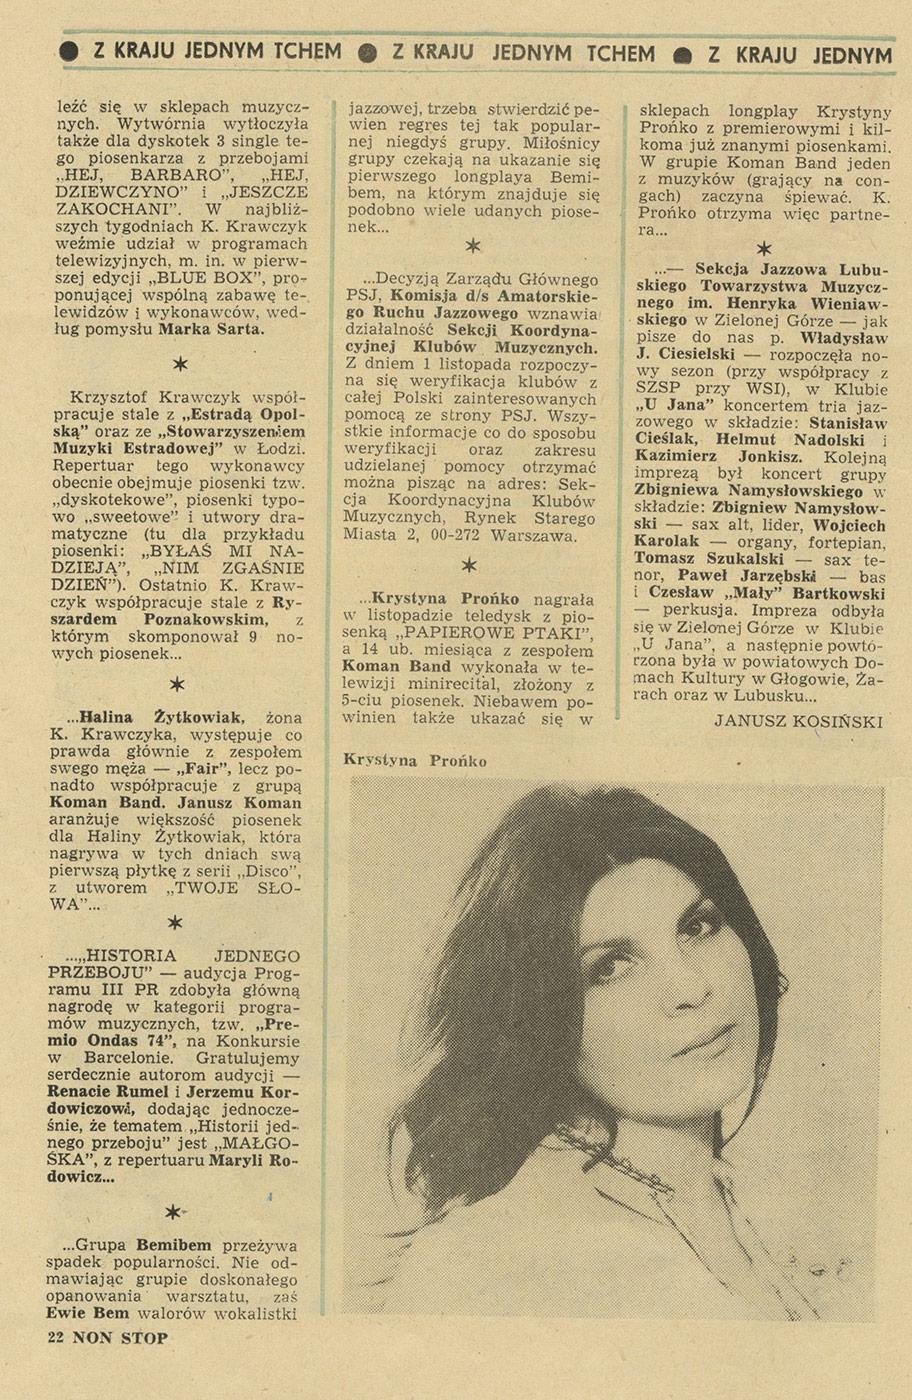 1969-1978_non_stop_1974_z_kraju_jednym_tchem_02